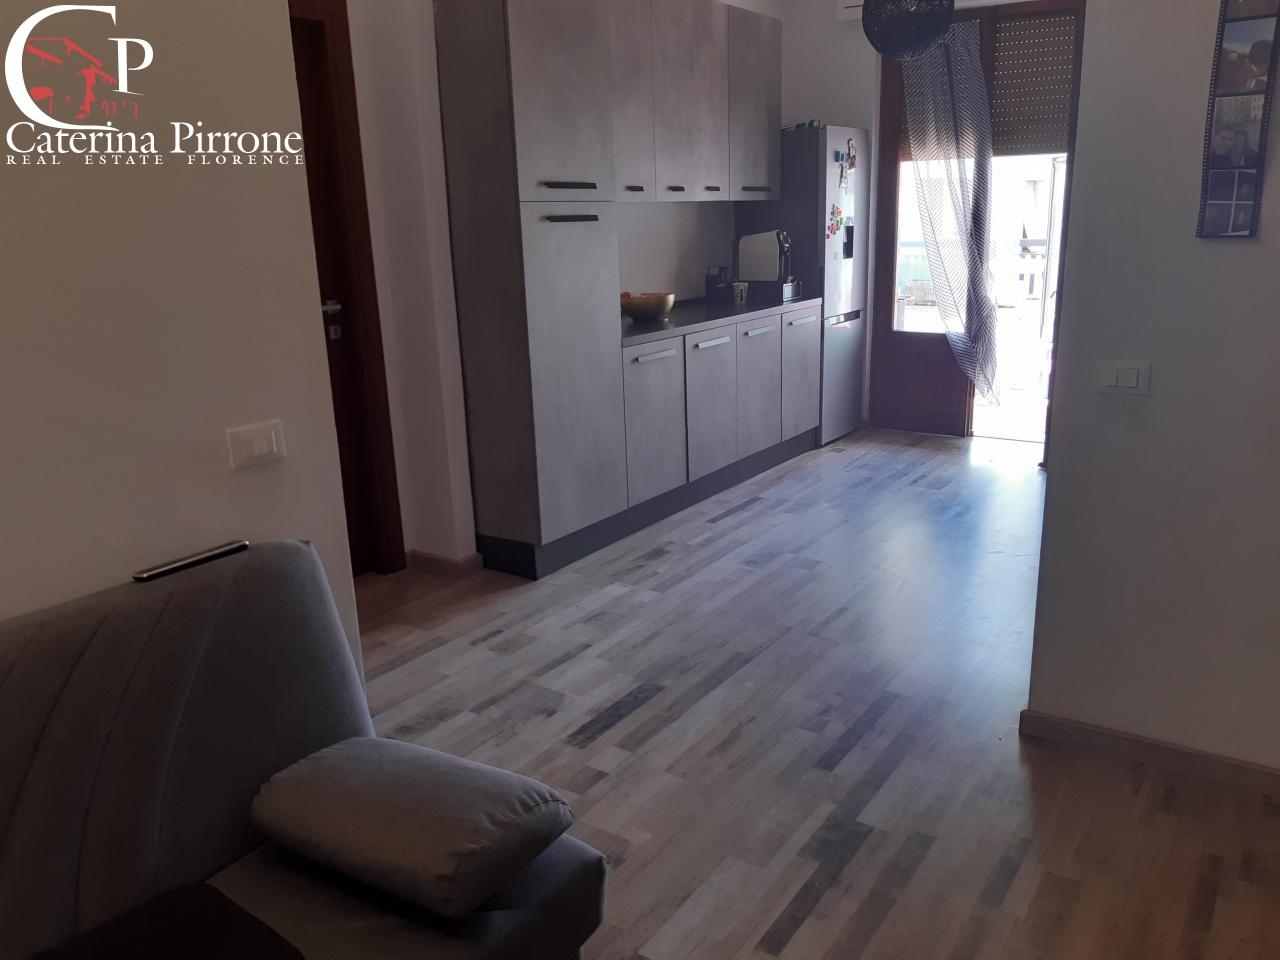 Appartamento in vendita a Dicomano, 4 locali, prezzo € 180.000 | CambioCasa.it